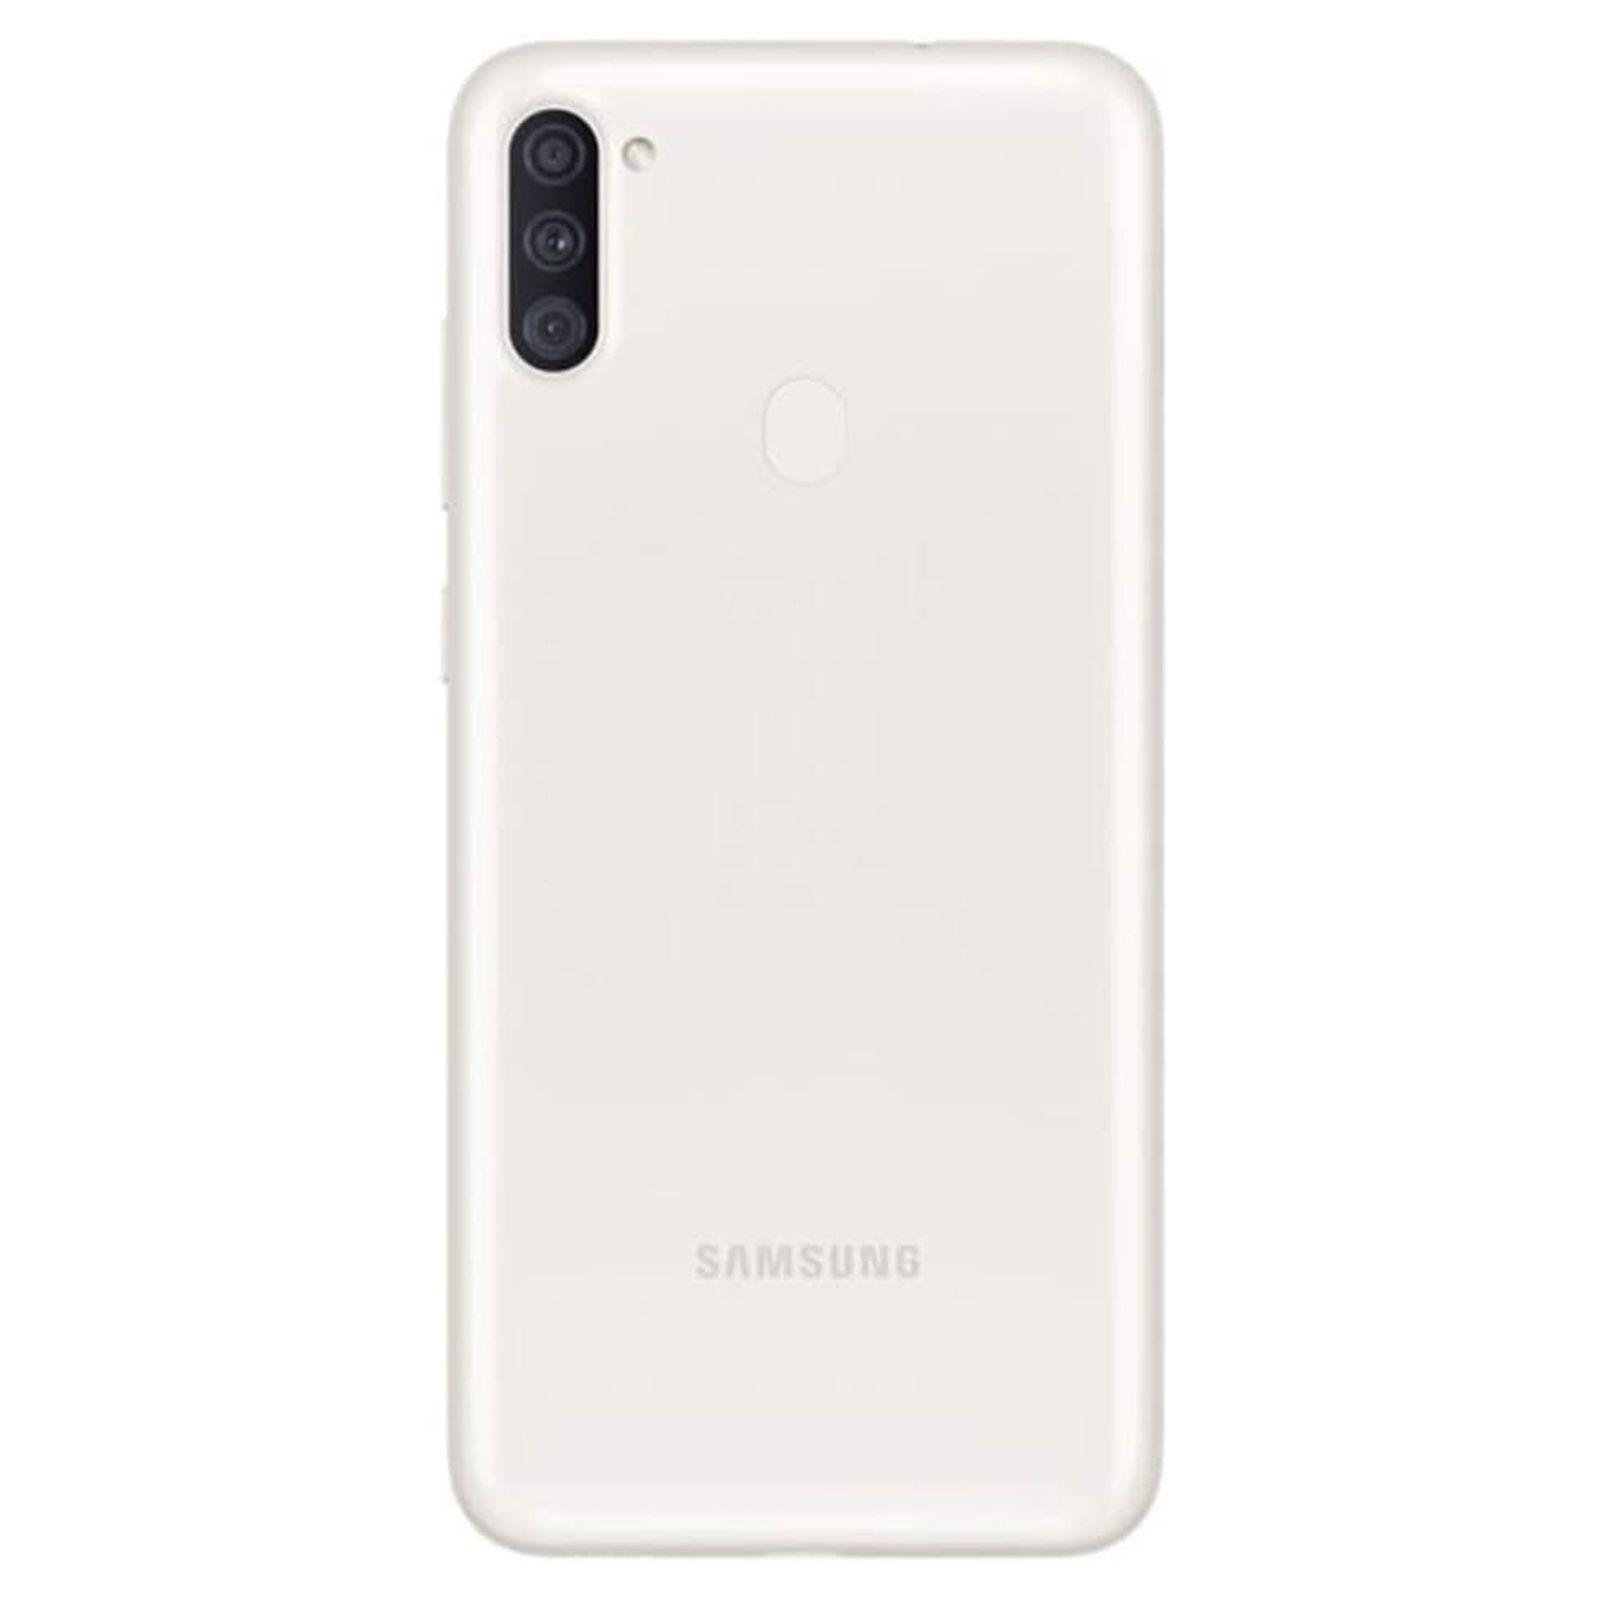 گوشی موبایل سامسونگ مدل Galaxy A11 SM-A115F/DS دو سیم کارت ظرفیت 32 گیگابایت با 3 گیگابایت رم main 1 5